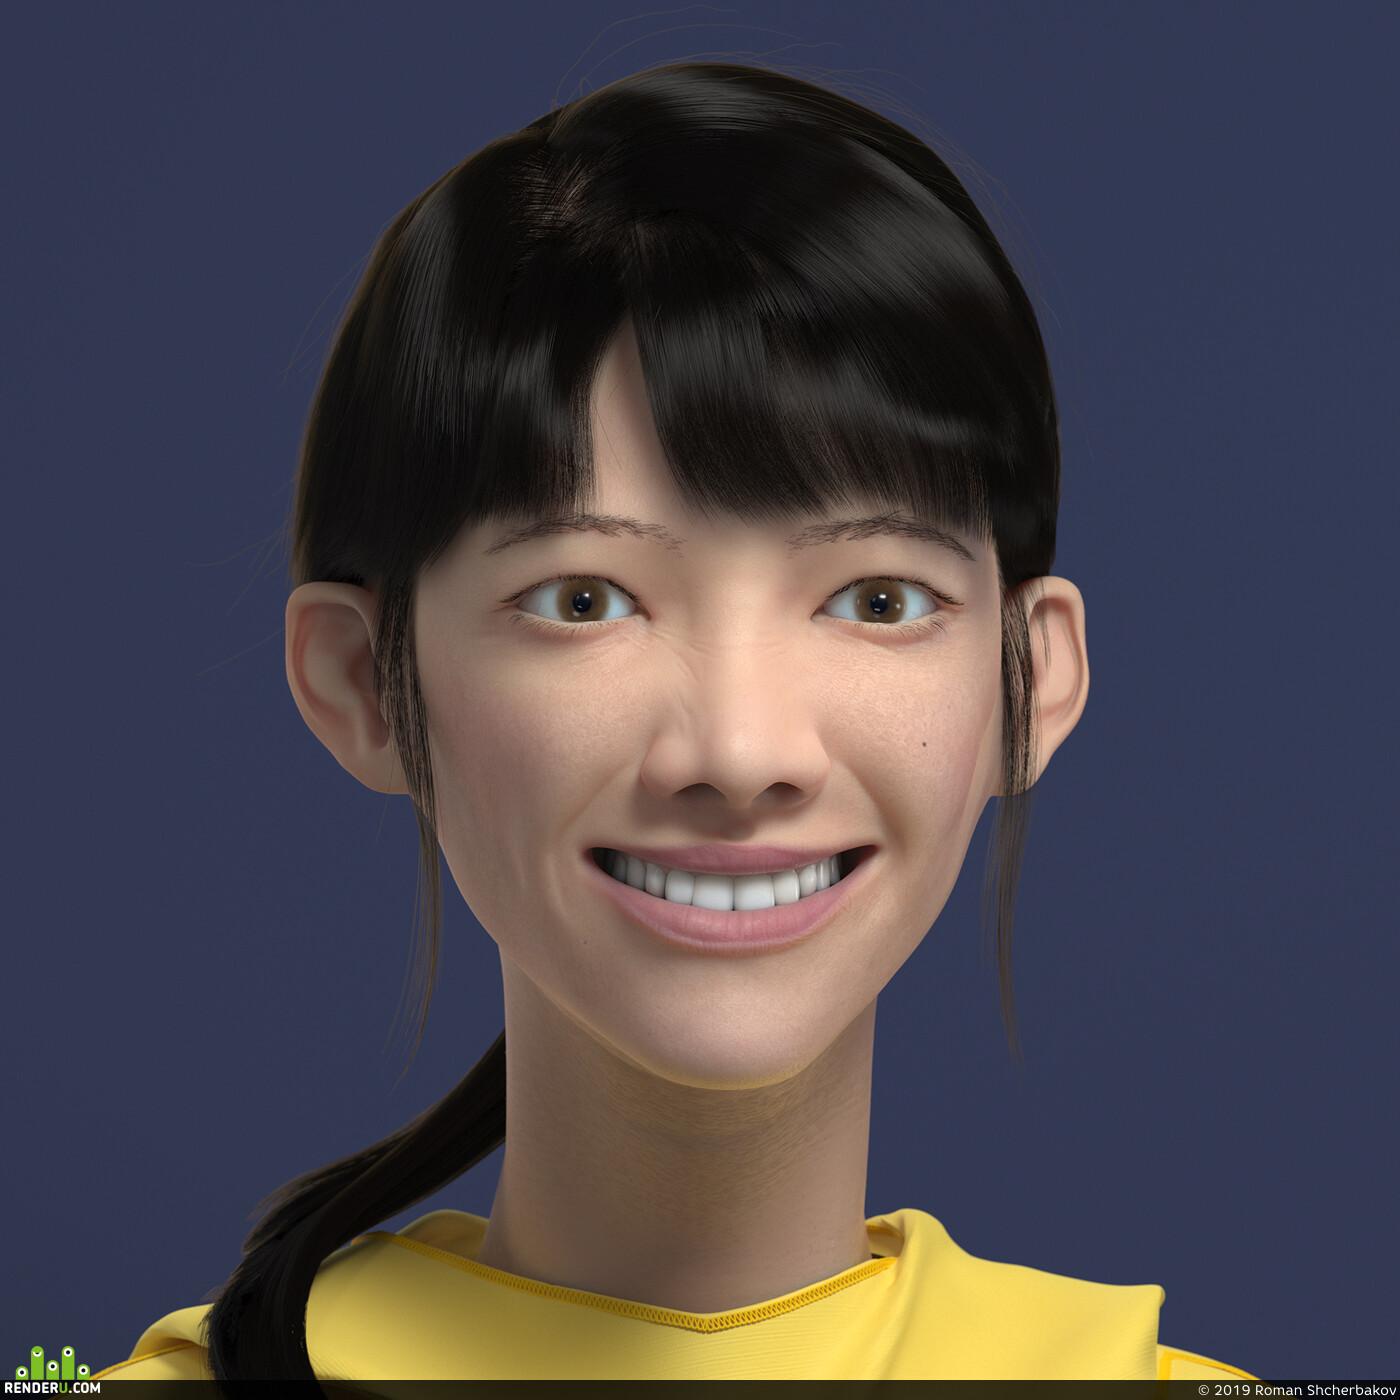 girl, asian, sculpt, Vray, ZBrush, smile, Portrait, 3d portrait, девушка, азиатка